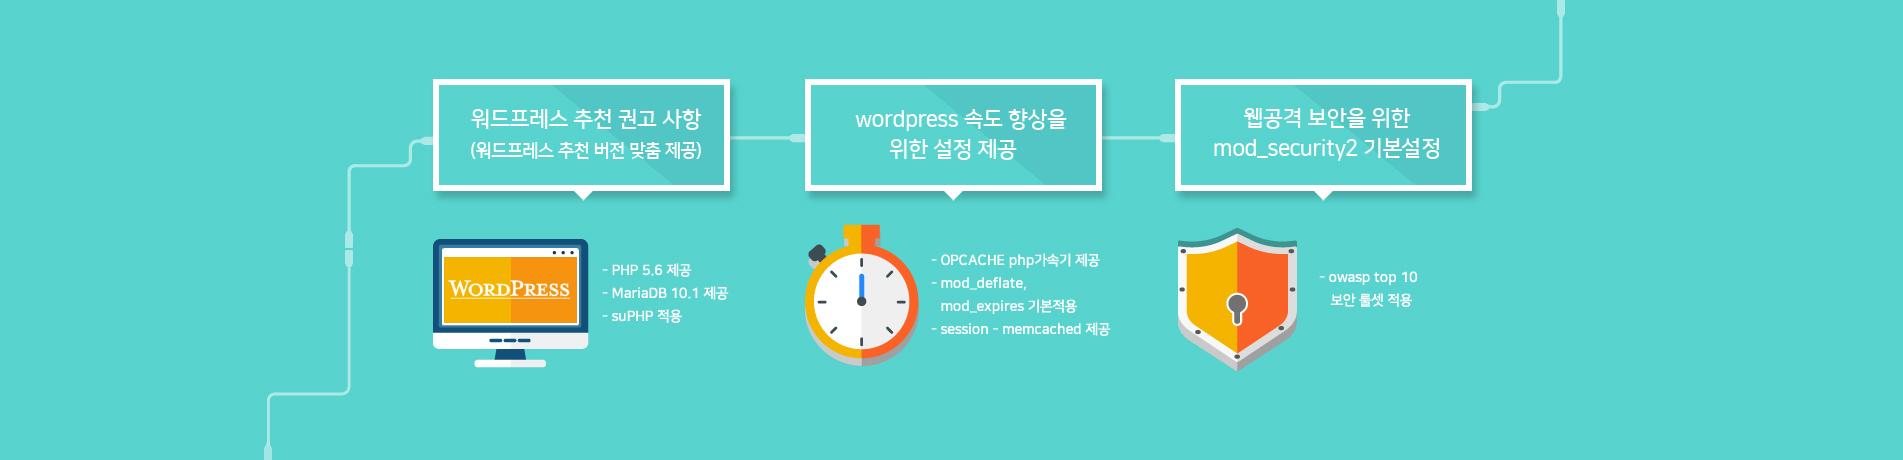 워드프레스 추천 권고사항, wordpress 속도 향상을 위한 설정 제공, 웹공격 보안을 위한 mod_security2 기본설정